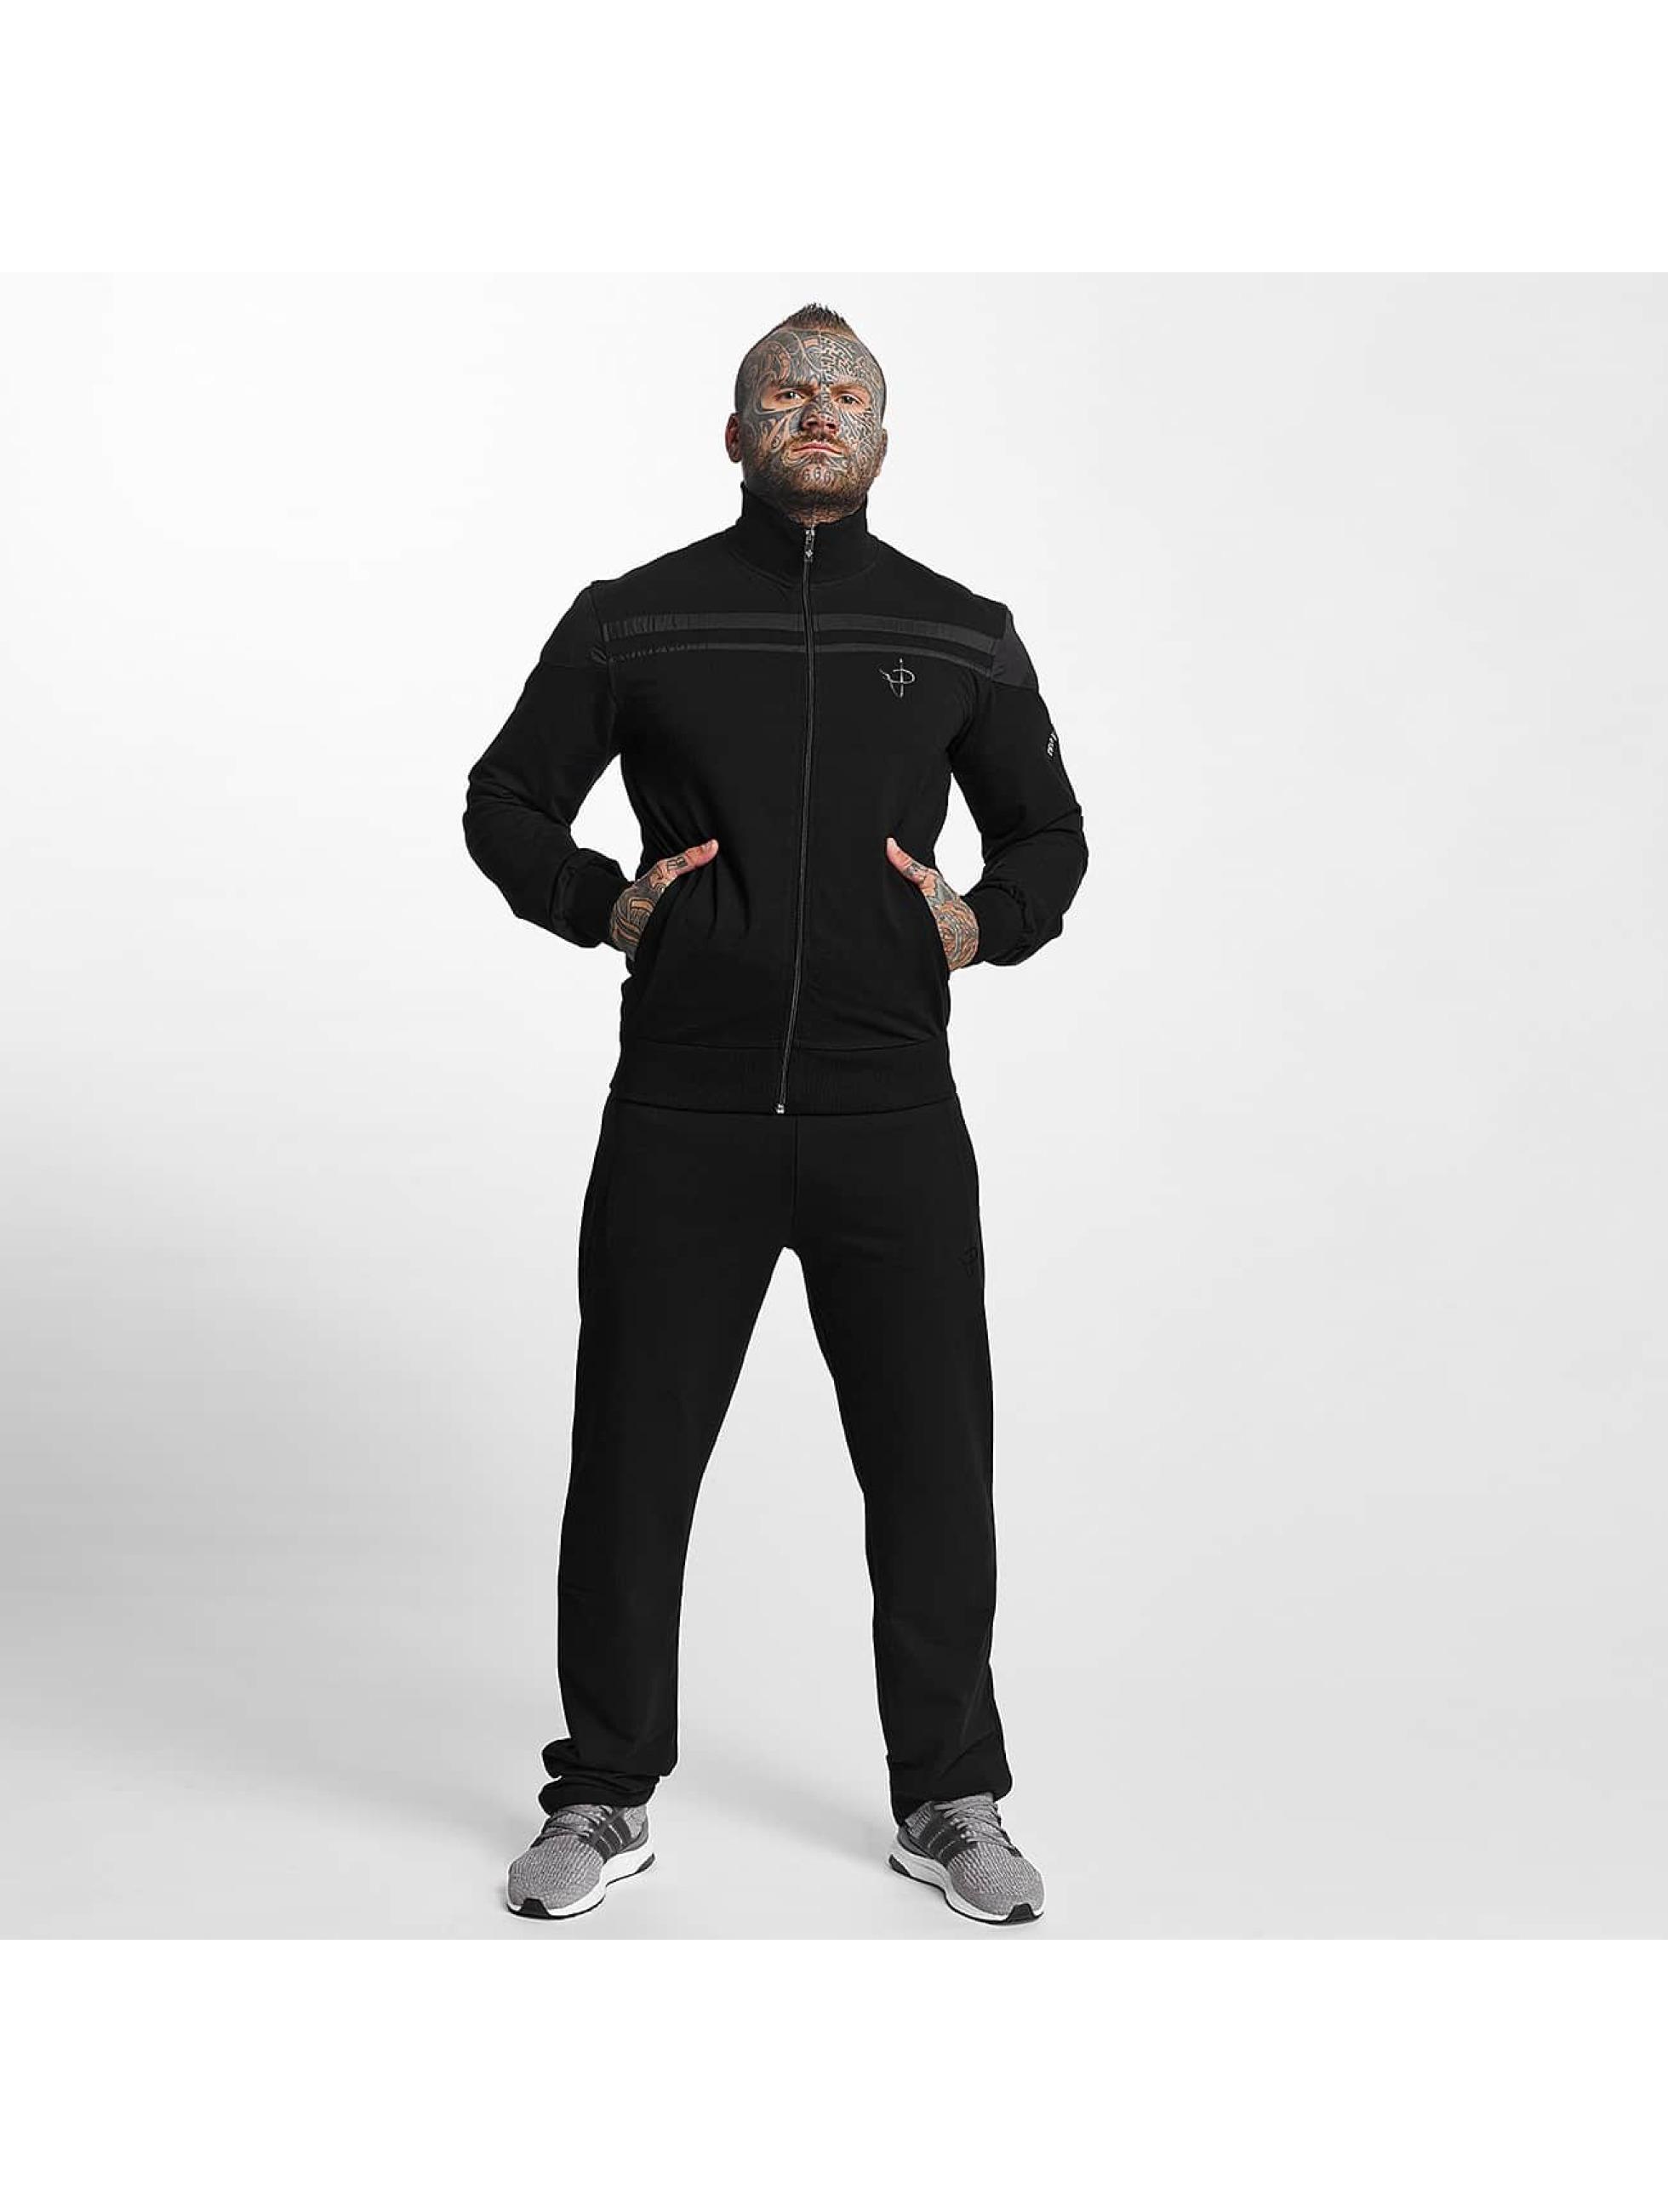 Pro Violence Streetwear Ensemble & Survêtement Cosy noir